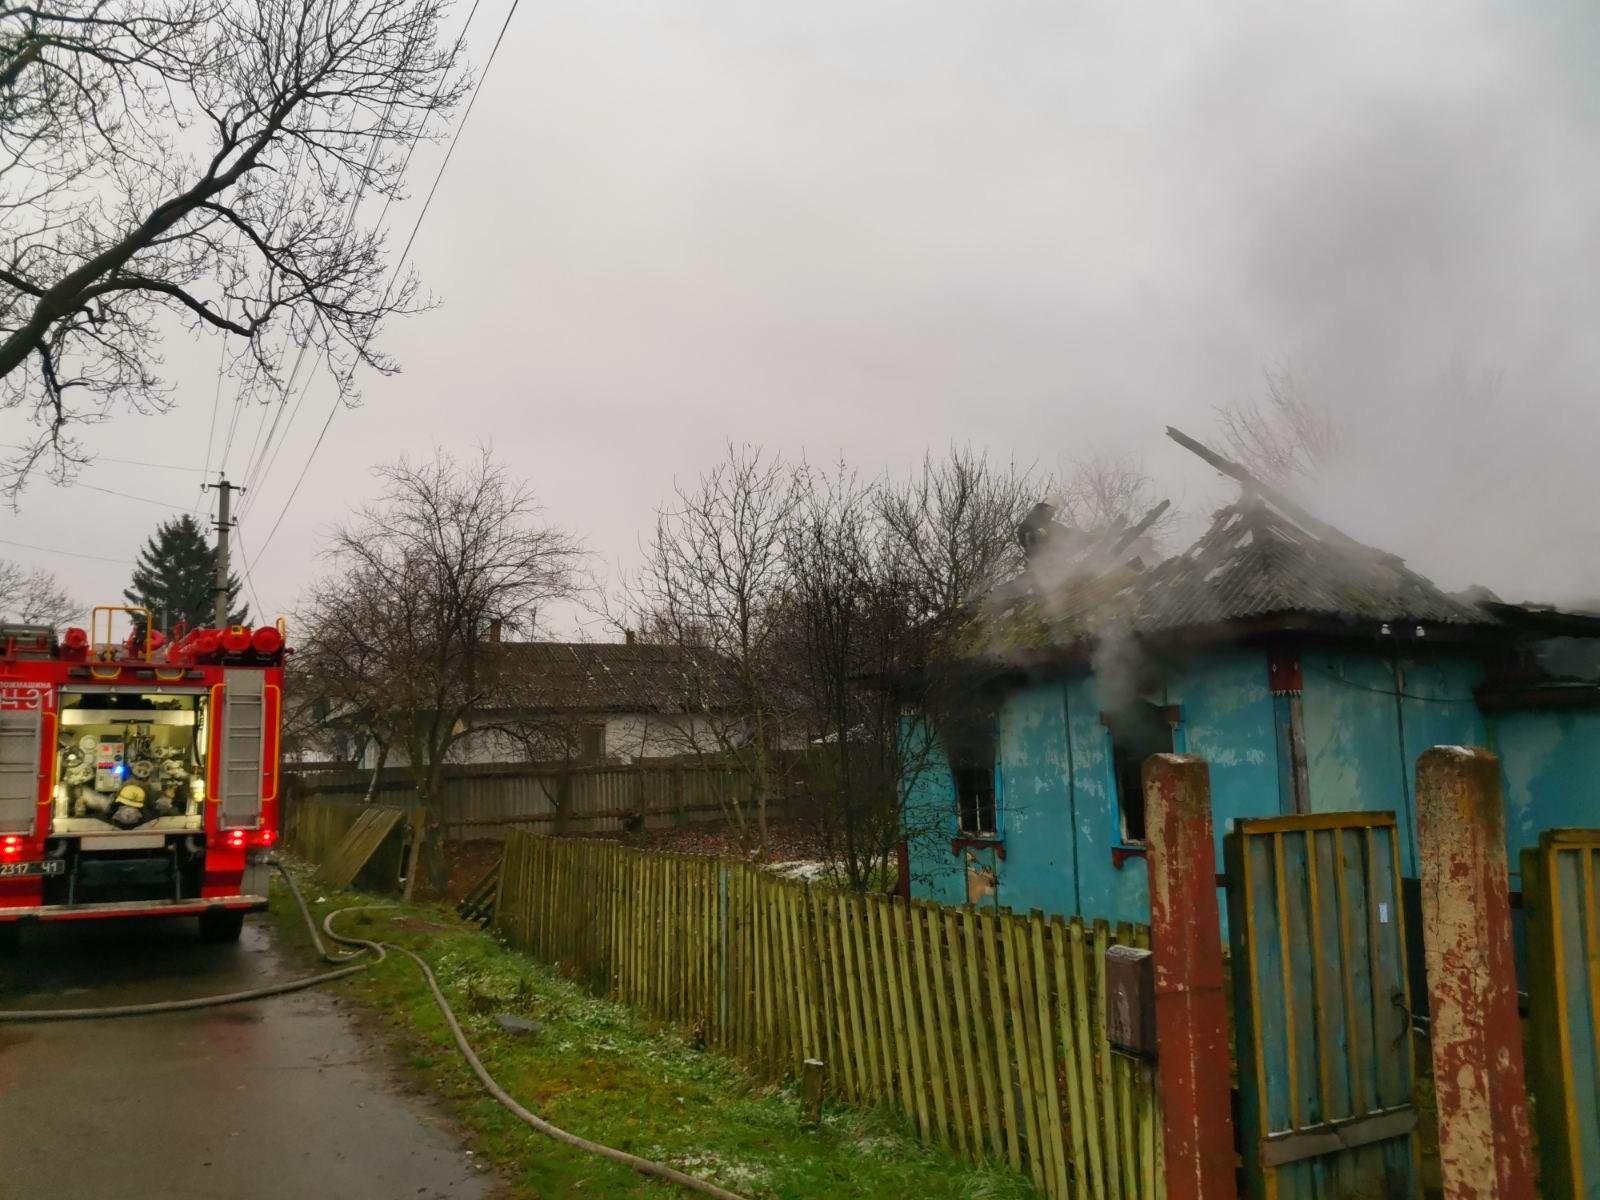 На Бородянщині під час пожежі у будинку загинула жінка - пожежі, пожежа, згоріла будівля, згорів будинок, бородянські пожежники, Бородянський район - 02